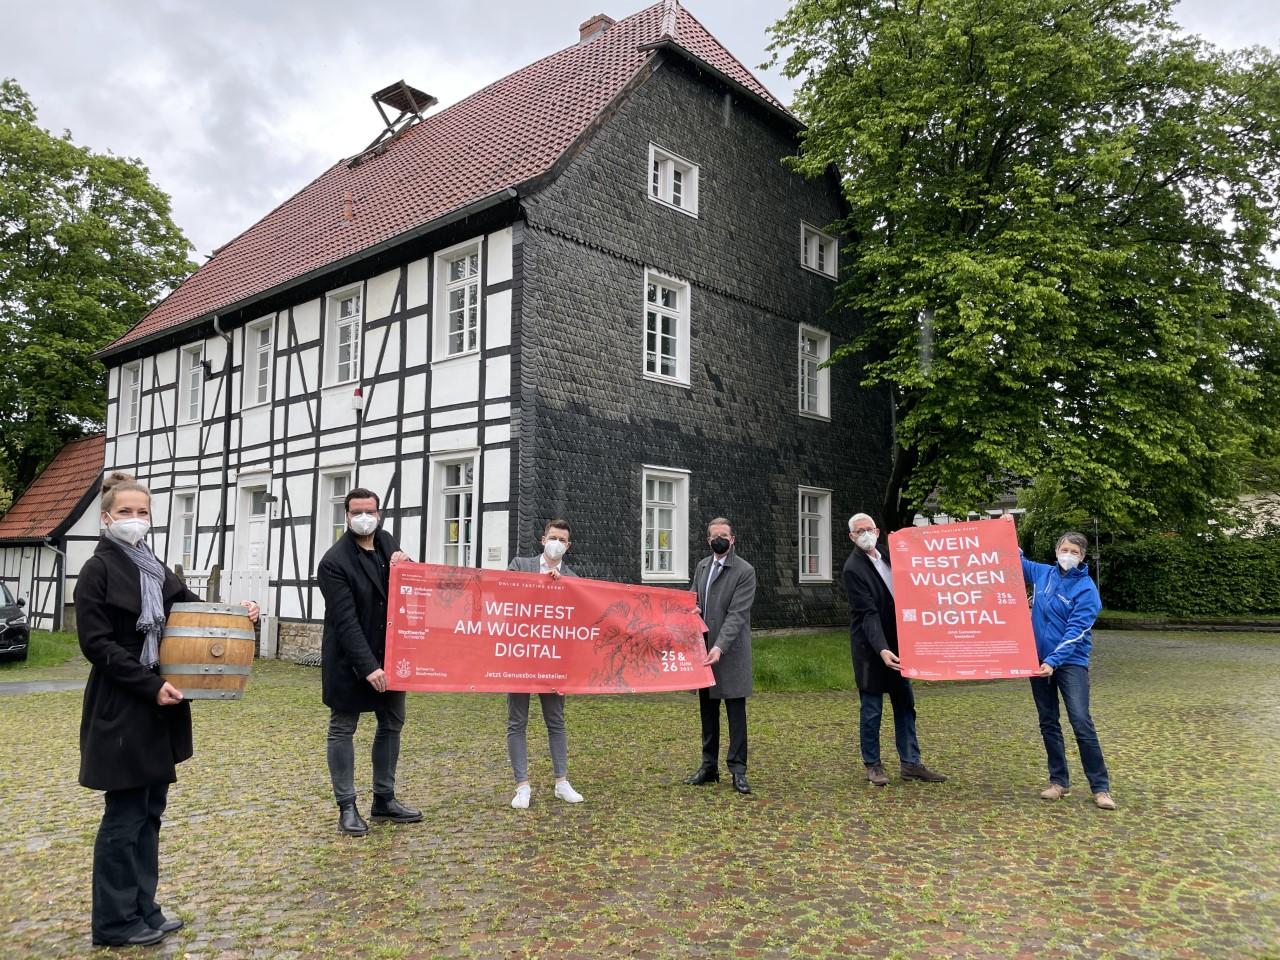 """""""Weinfest am Wuckenhof Digital"""" – Online Tasting Event"""